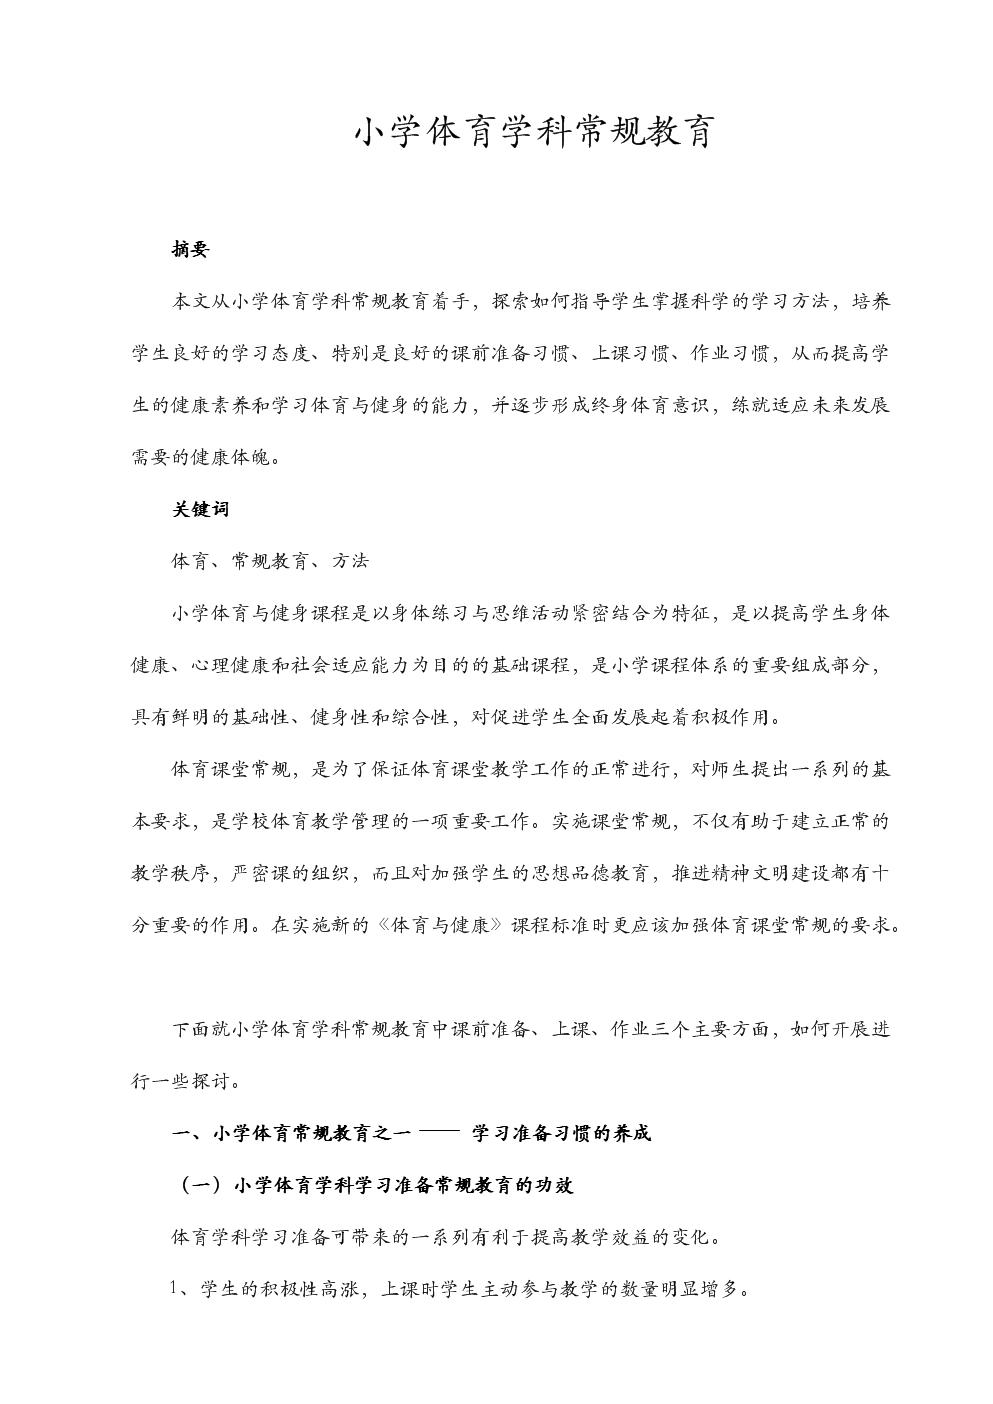 小学体育学科常规教育.doc